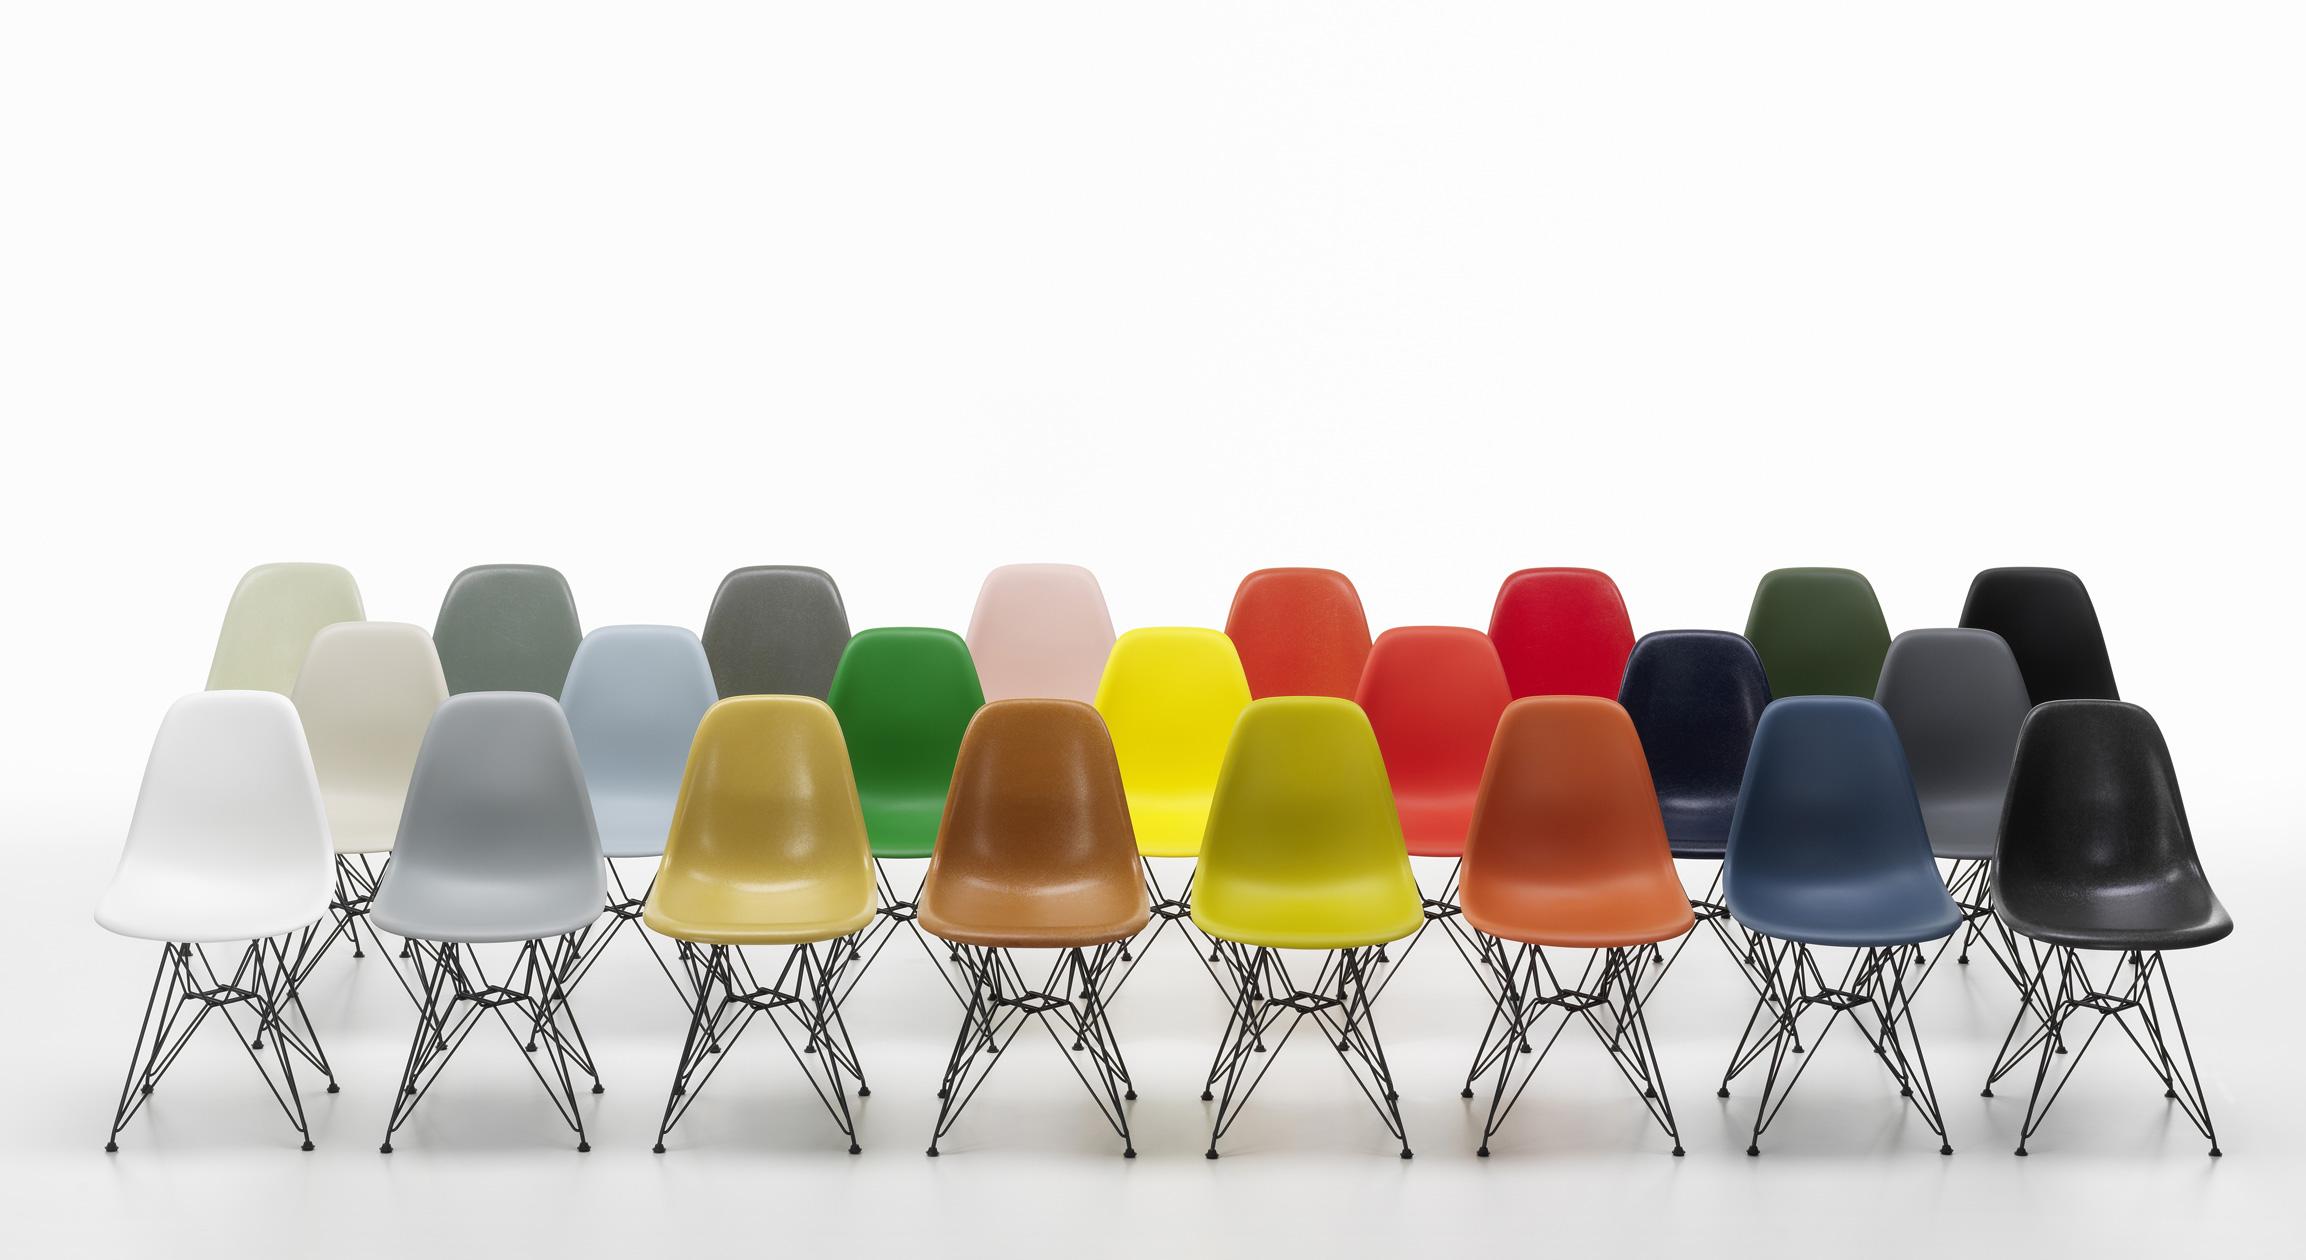 Neue Farbpalette für die Eames Plastic Chairs von Vitra